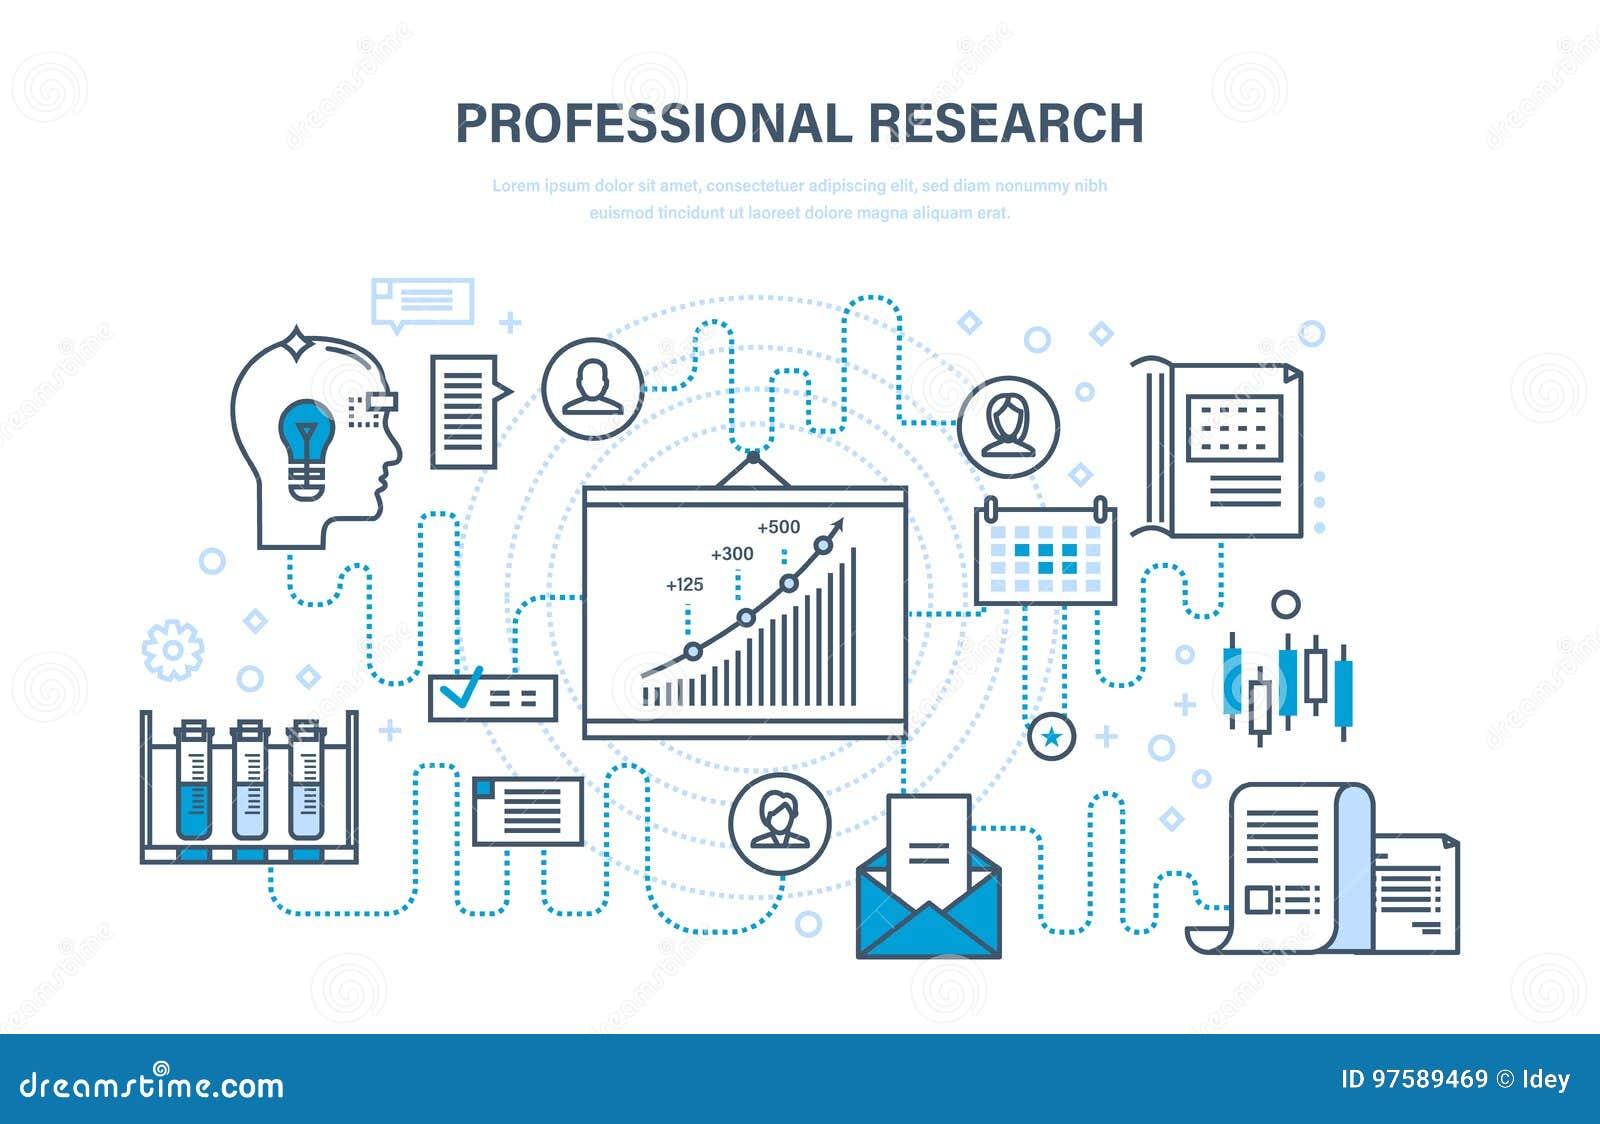 Professioneel onderzoek Bedrijfs planning, strategie, controle, analyse, systemenontwikkeling, onderwijs